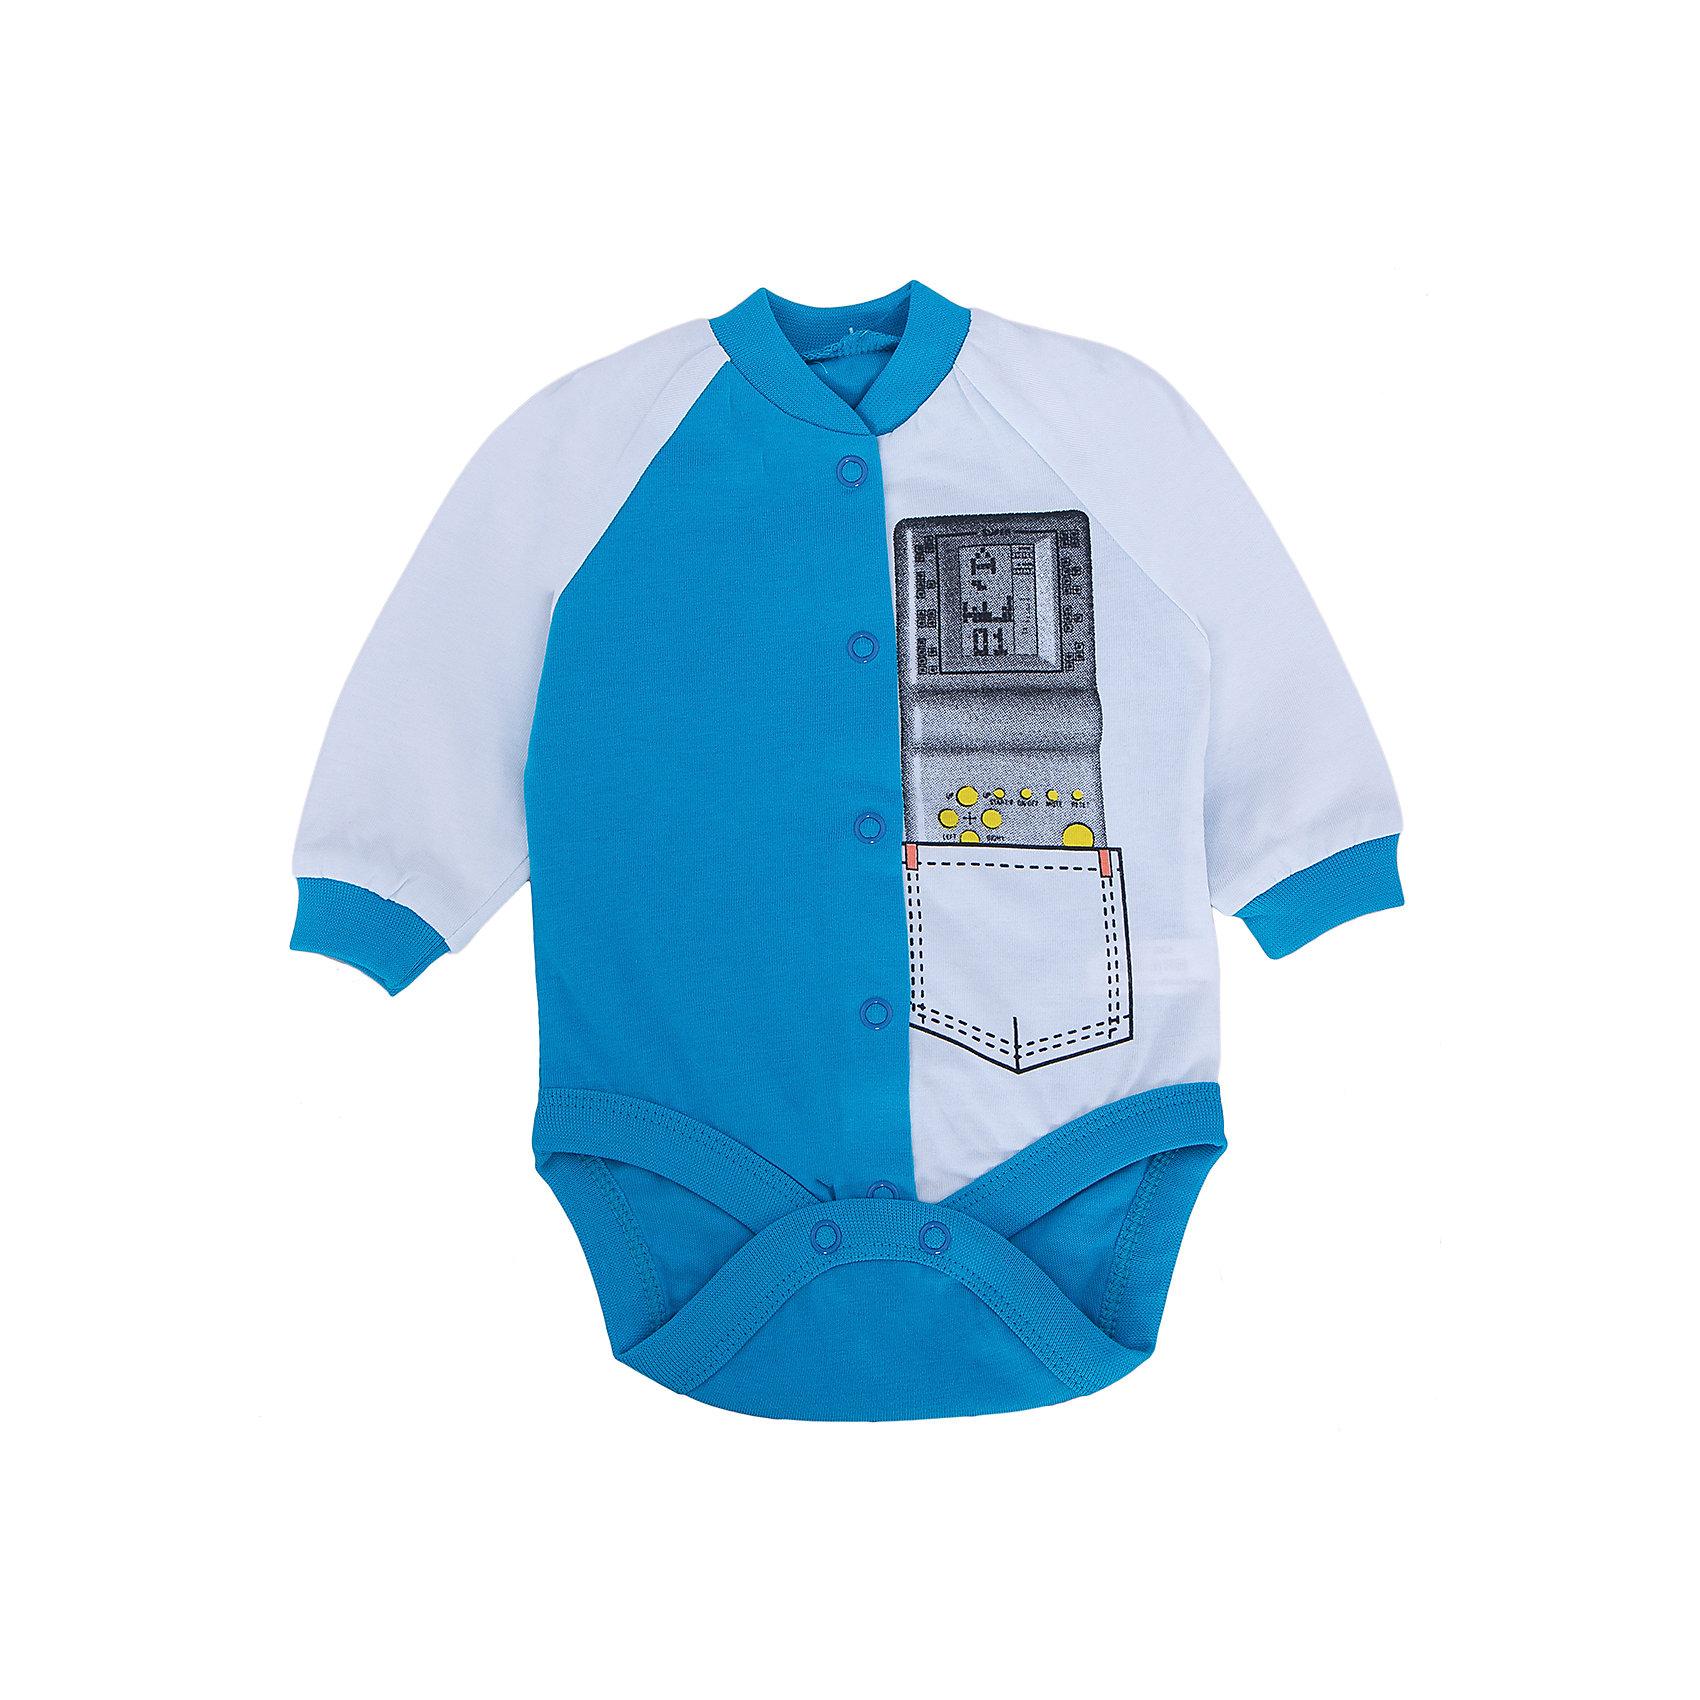 Боди  для мальчика GoldyБоди  для мальчика от известного бренда Goldy.<br>Боди для мальчкика с длинными рукавами и застёжкой на кнопках спереди.<br>Состав:<br>100% хлопок<br><br>Ширина мм: 157<br>Глубина мм: 13<br>Высота мм: 119<br>Вес г: 200<br>Цвет: голубой<br>Возраст от месяцев: 0<br>Возраст до месяцев: 3<br>Пол: Мужской<br>Возраст: Детский<br>Размер: 56,68,62,86,80,74<br>SKU: 4873685